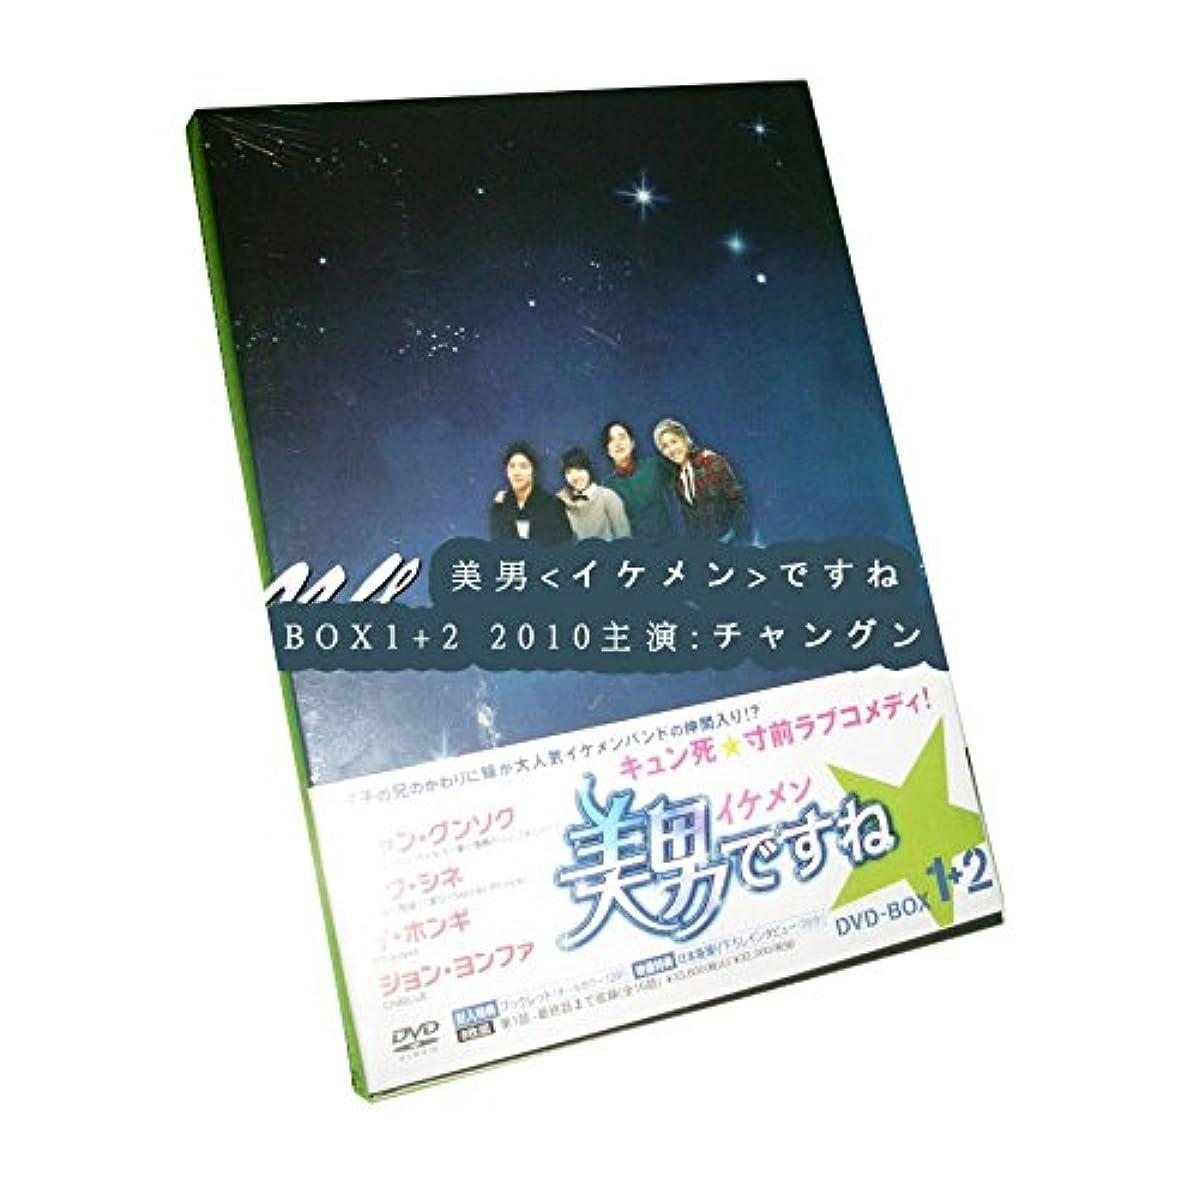 ディレクトリ仲人尋ねる美男 イケメン ですね BOX1+2 2010 主演: チャン?グンソク